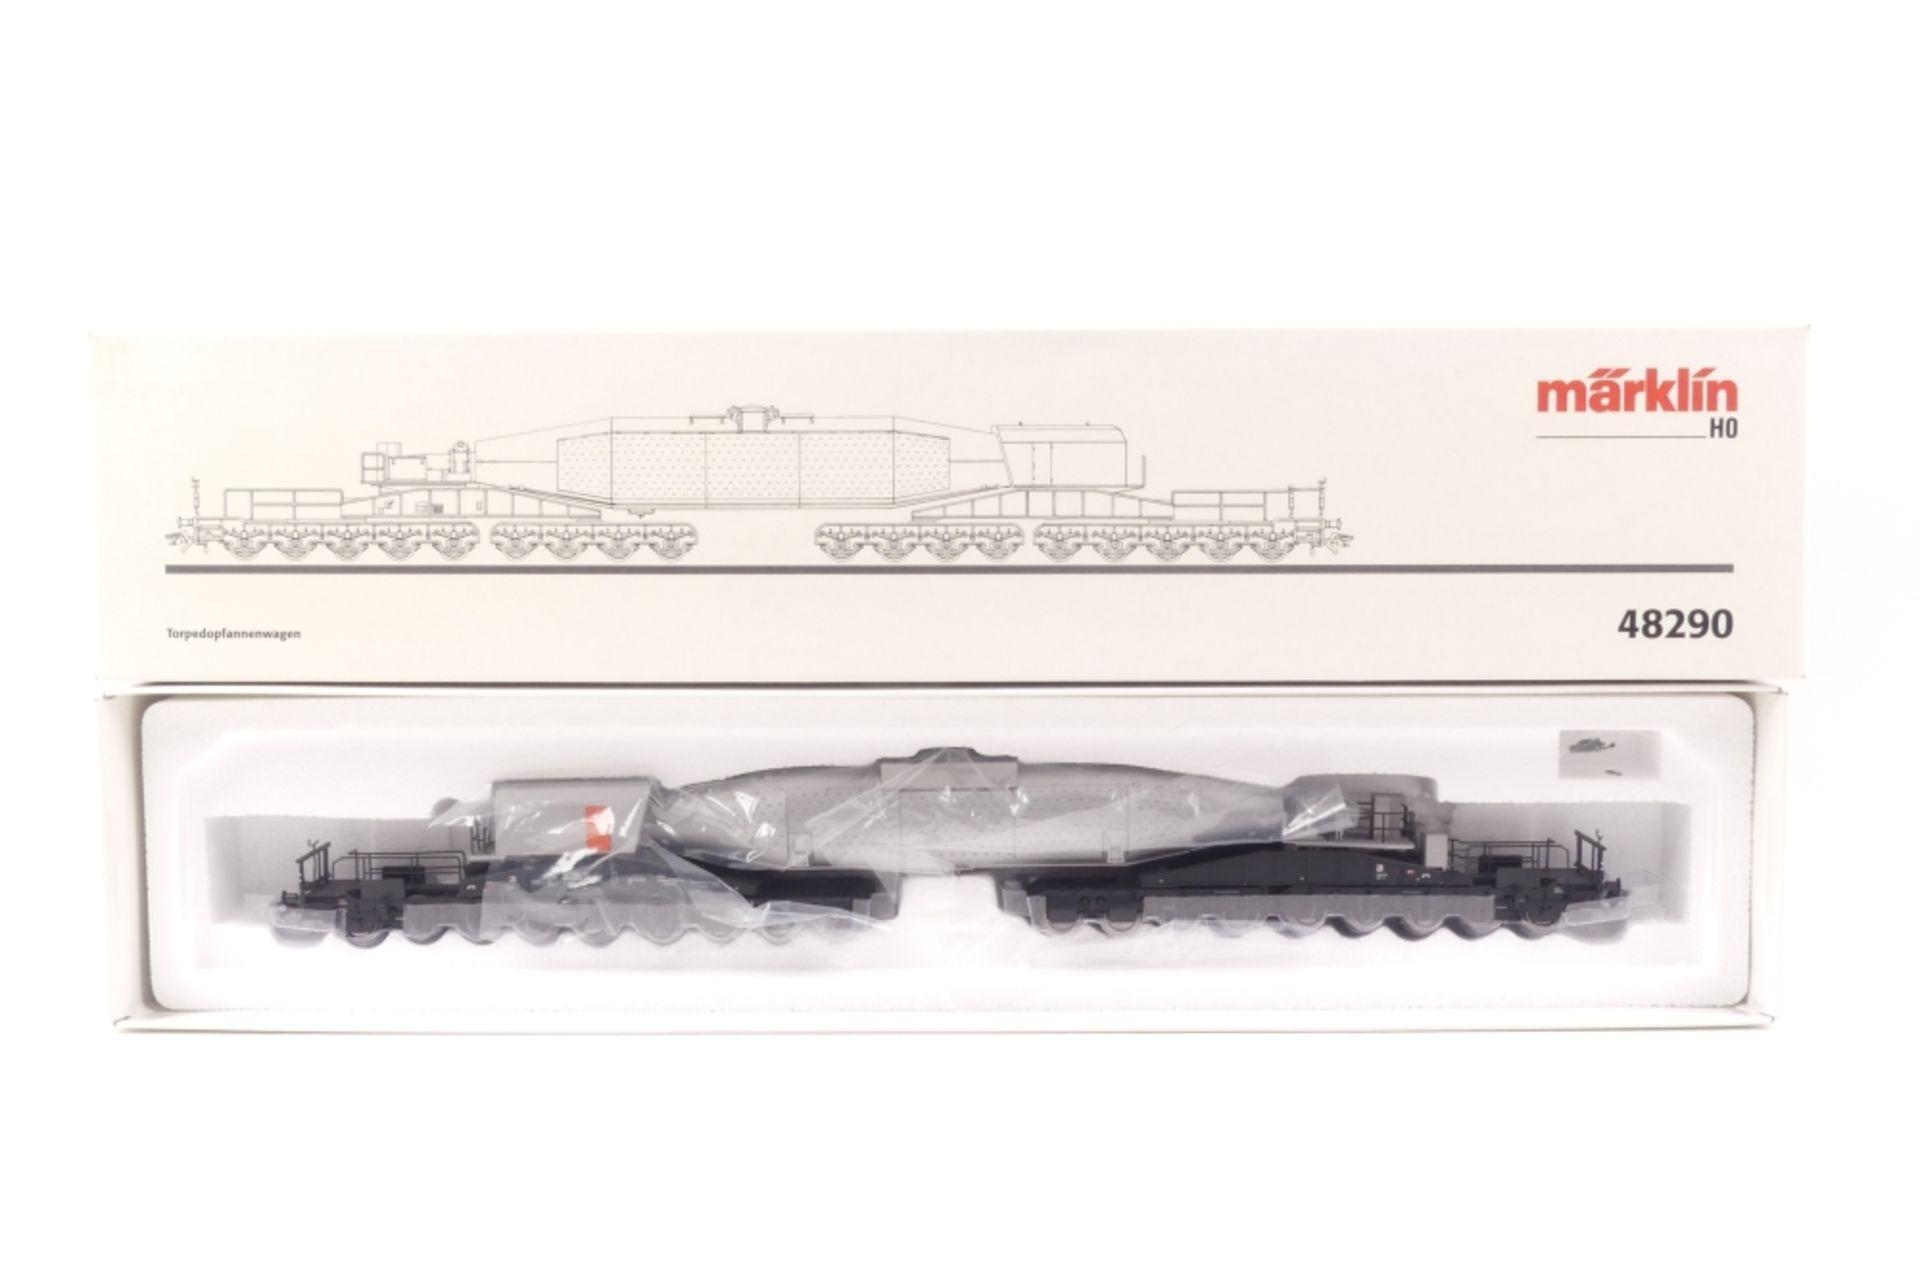 Märklin 48290Märklin 48290, Torpedopfannenwagen, mit Gleichstromachsen ausgerüstet,